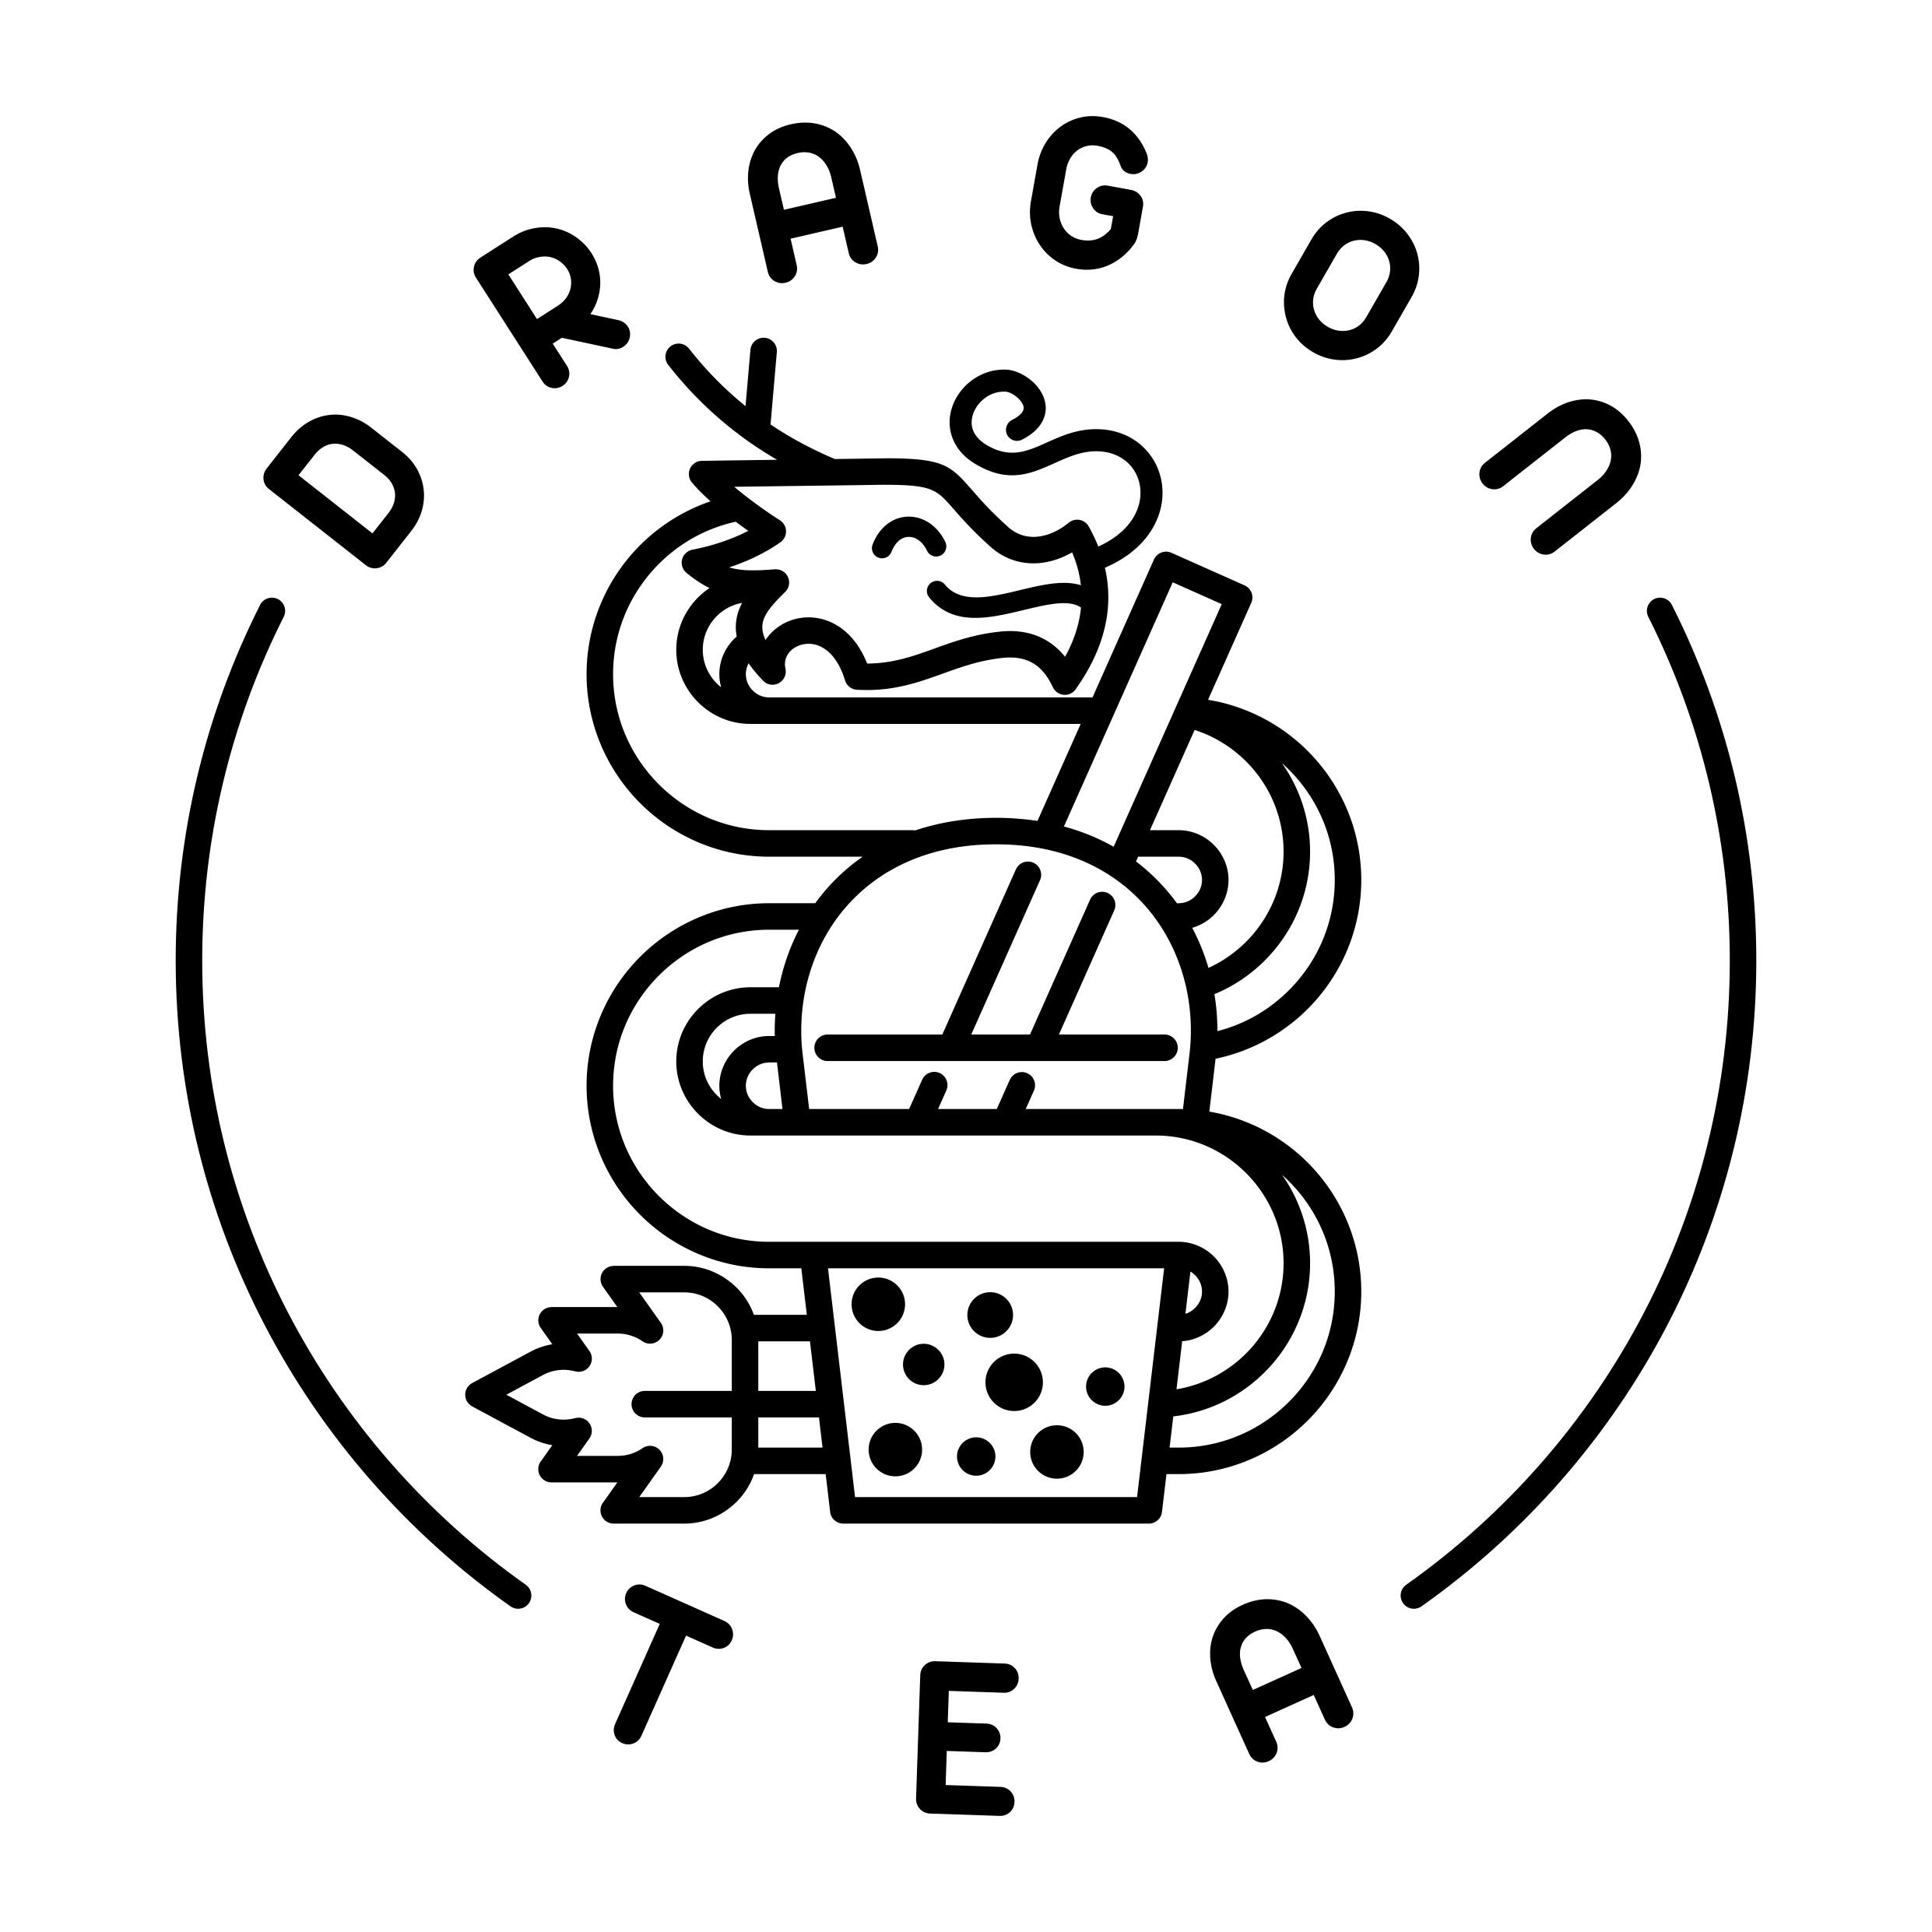 Bubble tea logo pls